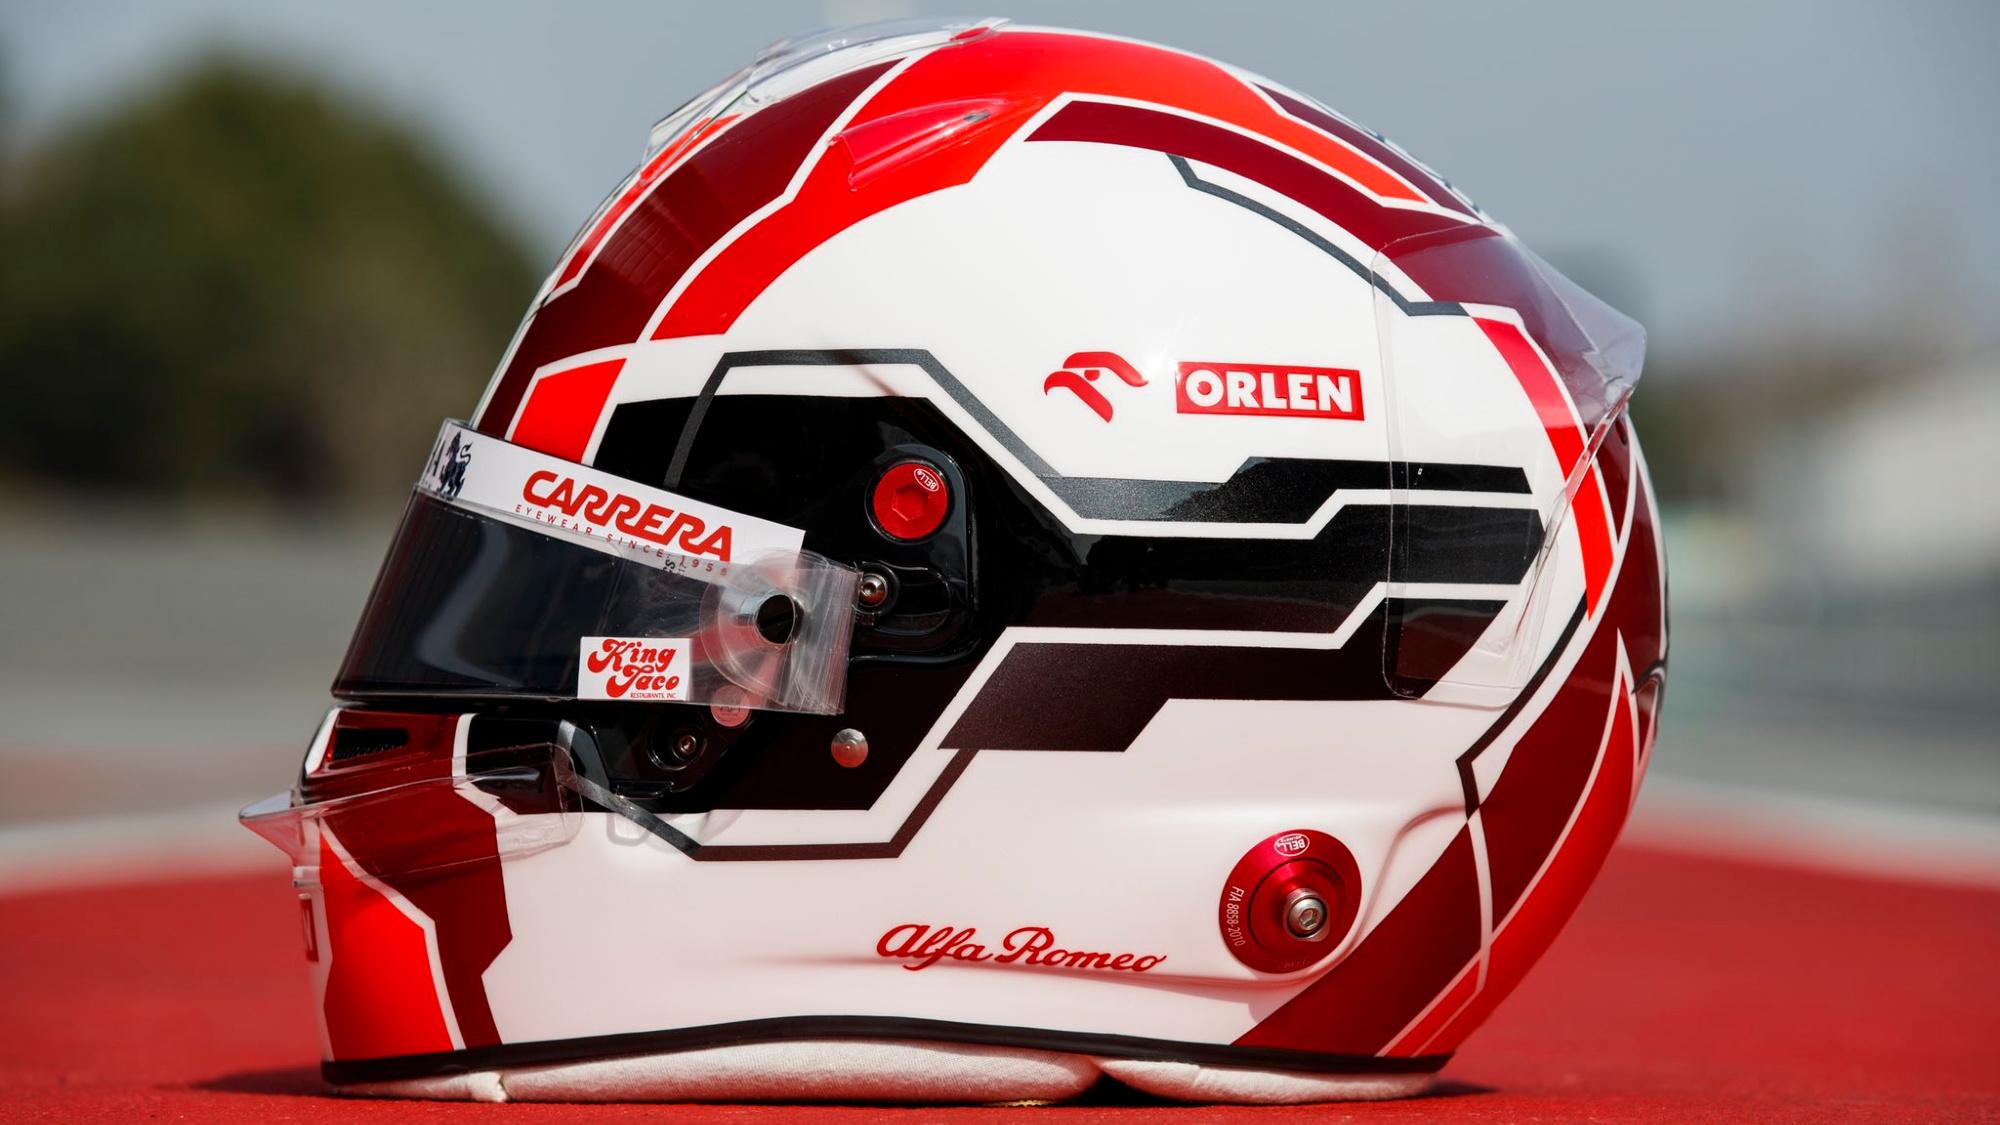 Antonio Giovinazzi 2021 F1 helmet